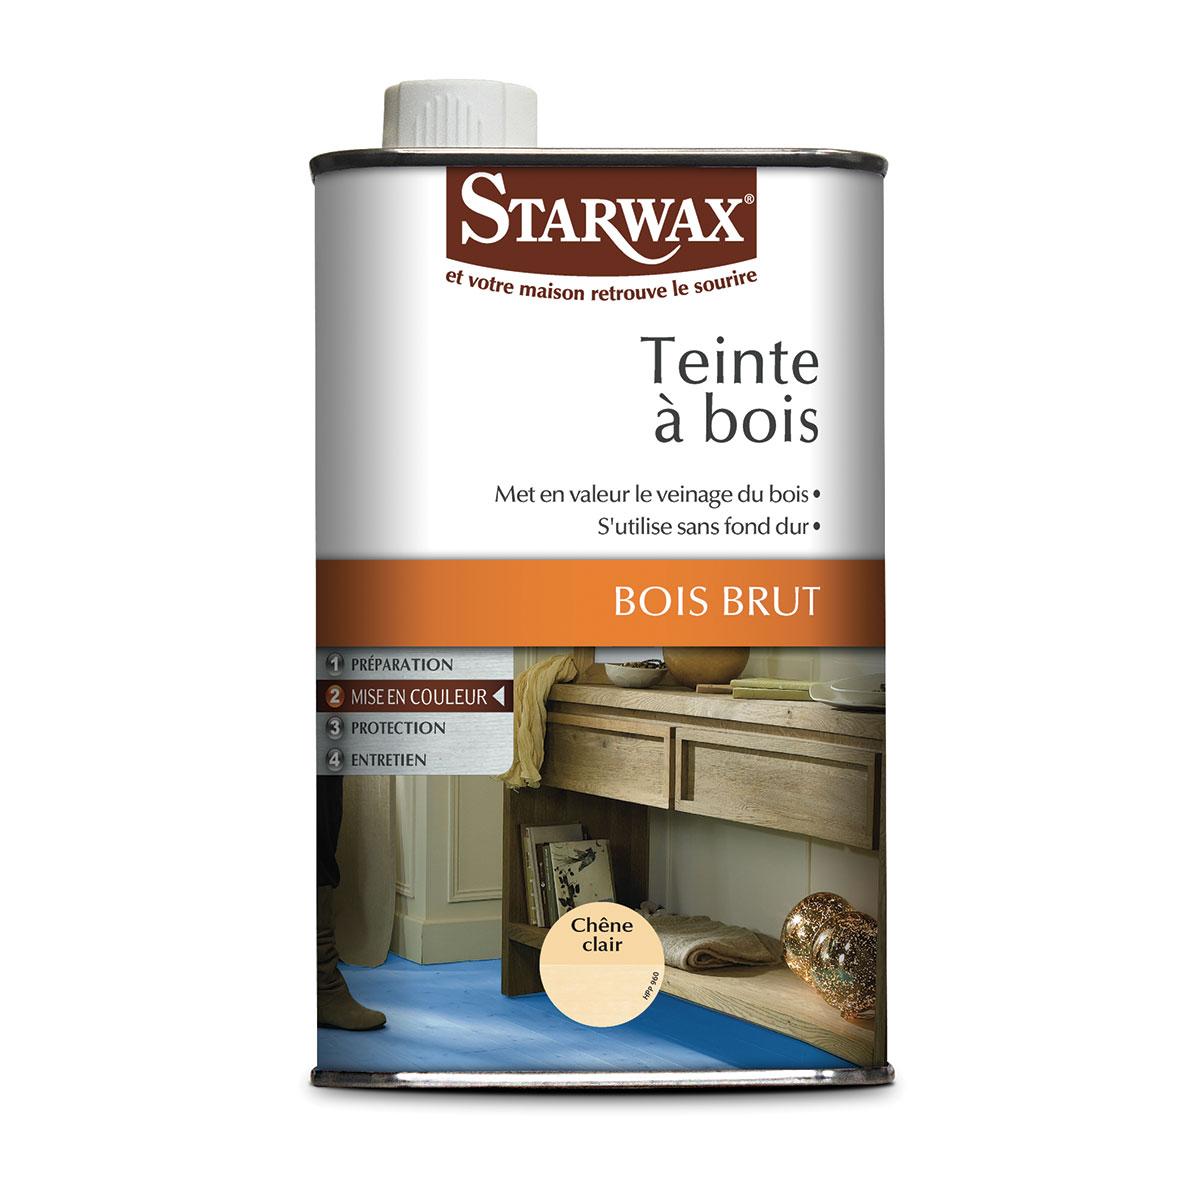 Teinte bois starwax produits d entretien maison for Huile pour meuble en bois